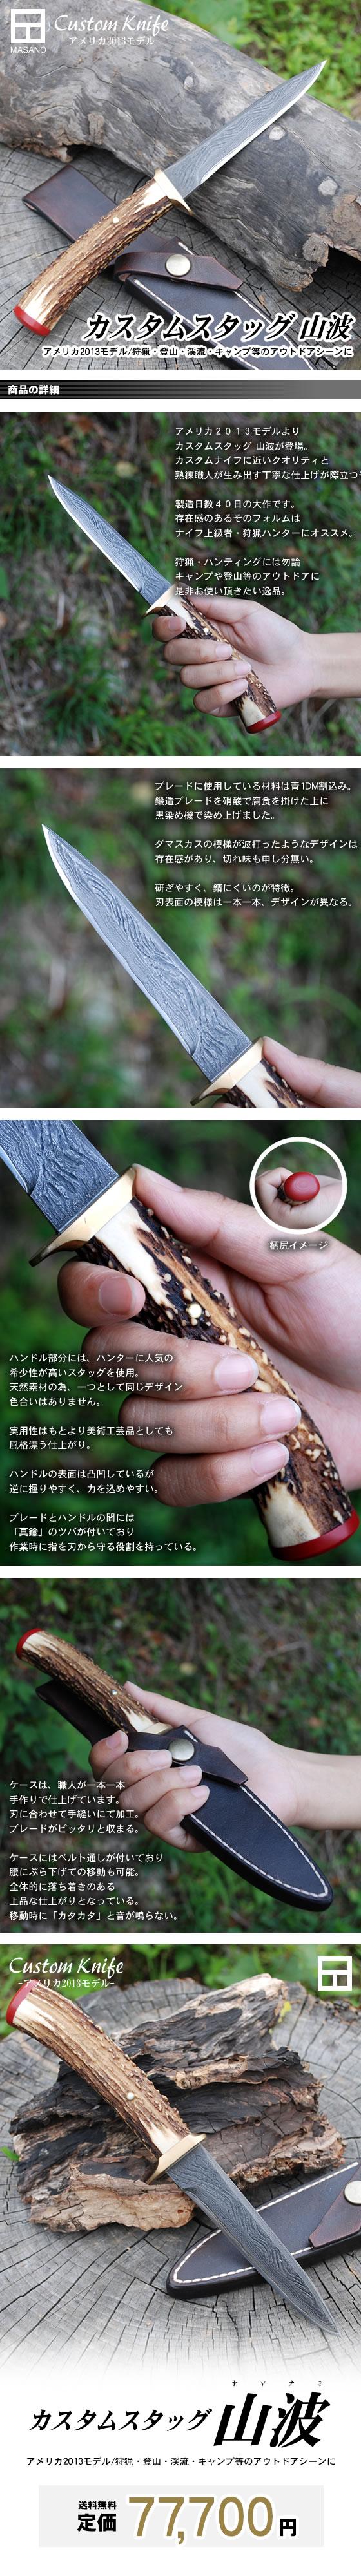 Custom Knife アメリカモデル2013 カスタムスタッグ 山波